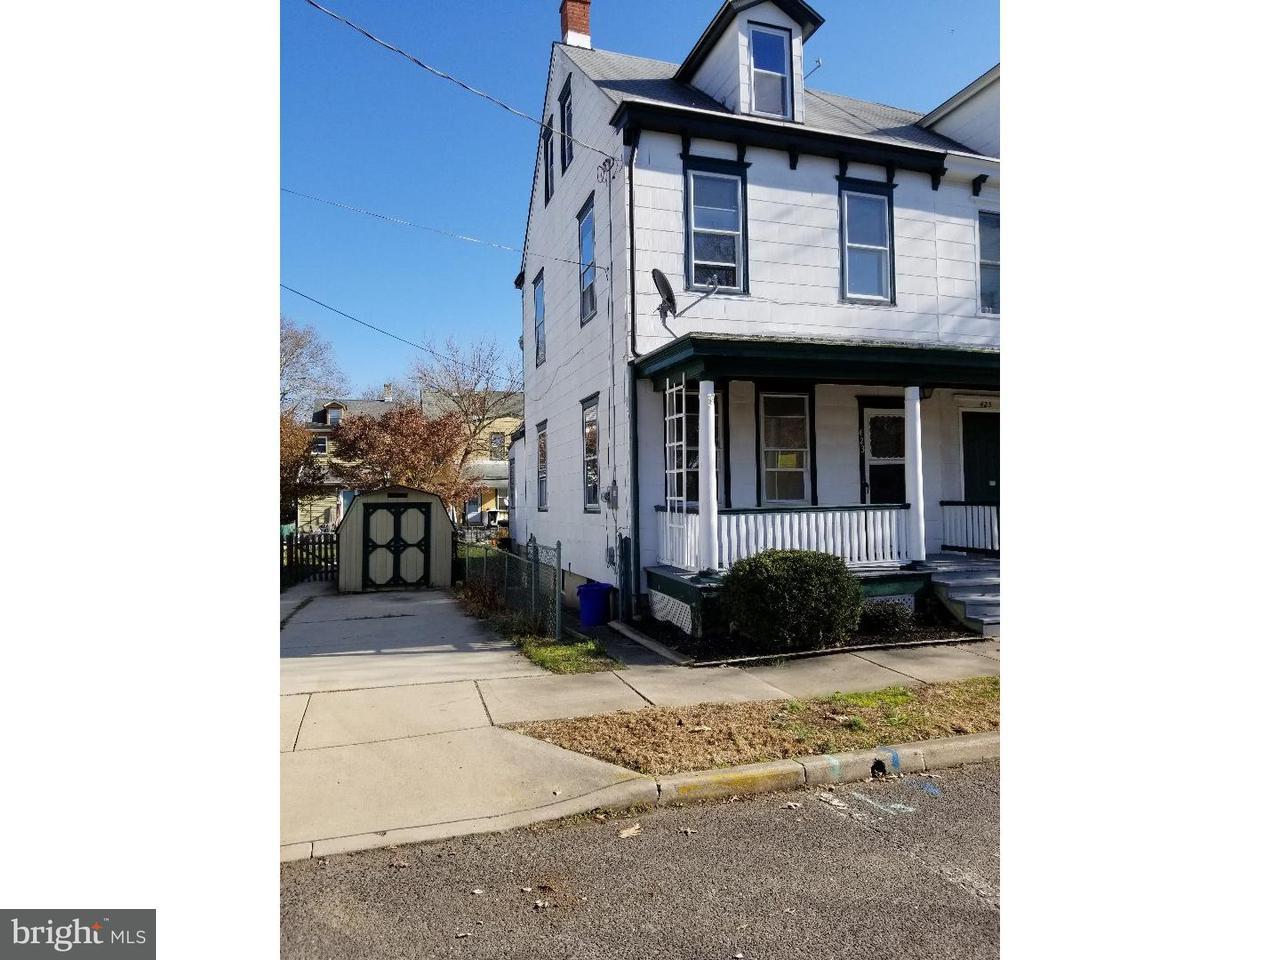 Casa unifamiliar adosada (Townhouse) por un Alquiler en 423 WOOD Street Burlington, Nueva Jersey 08016 Estados Unidos